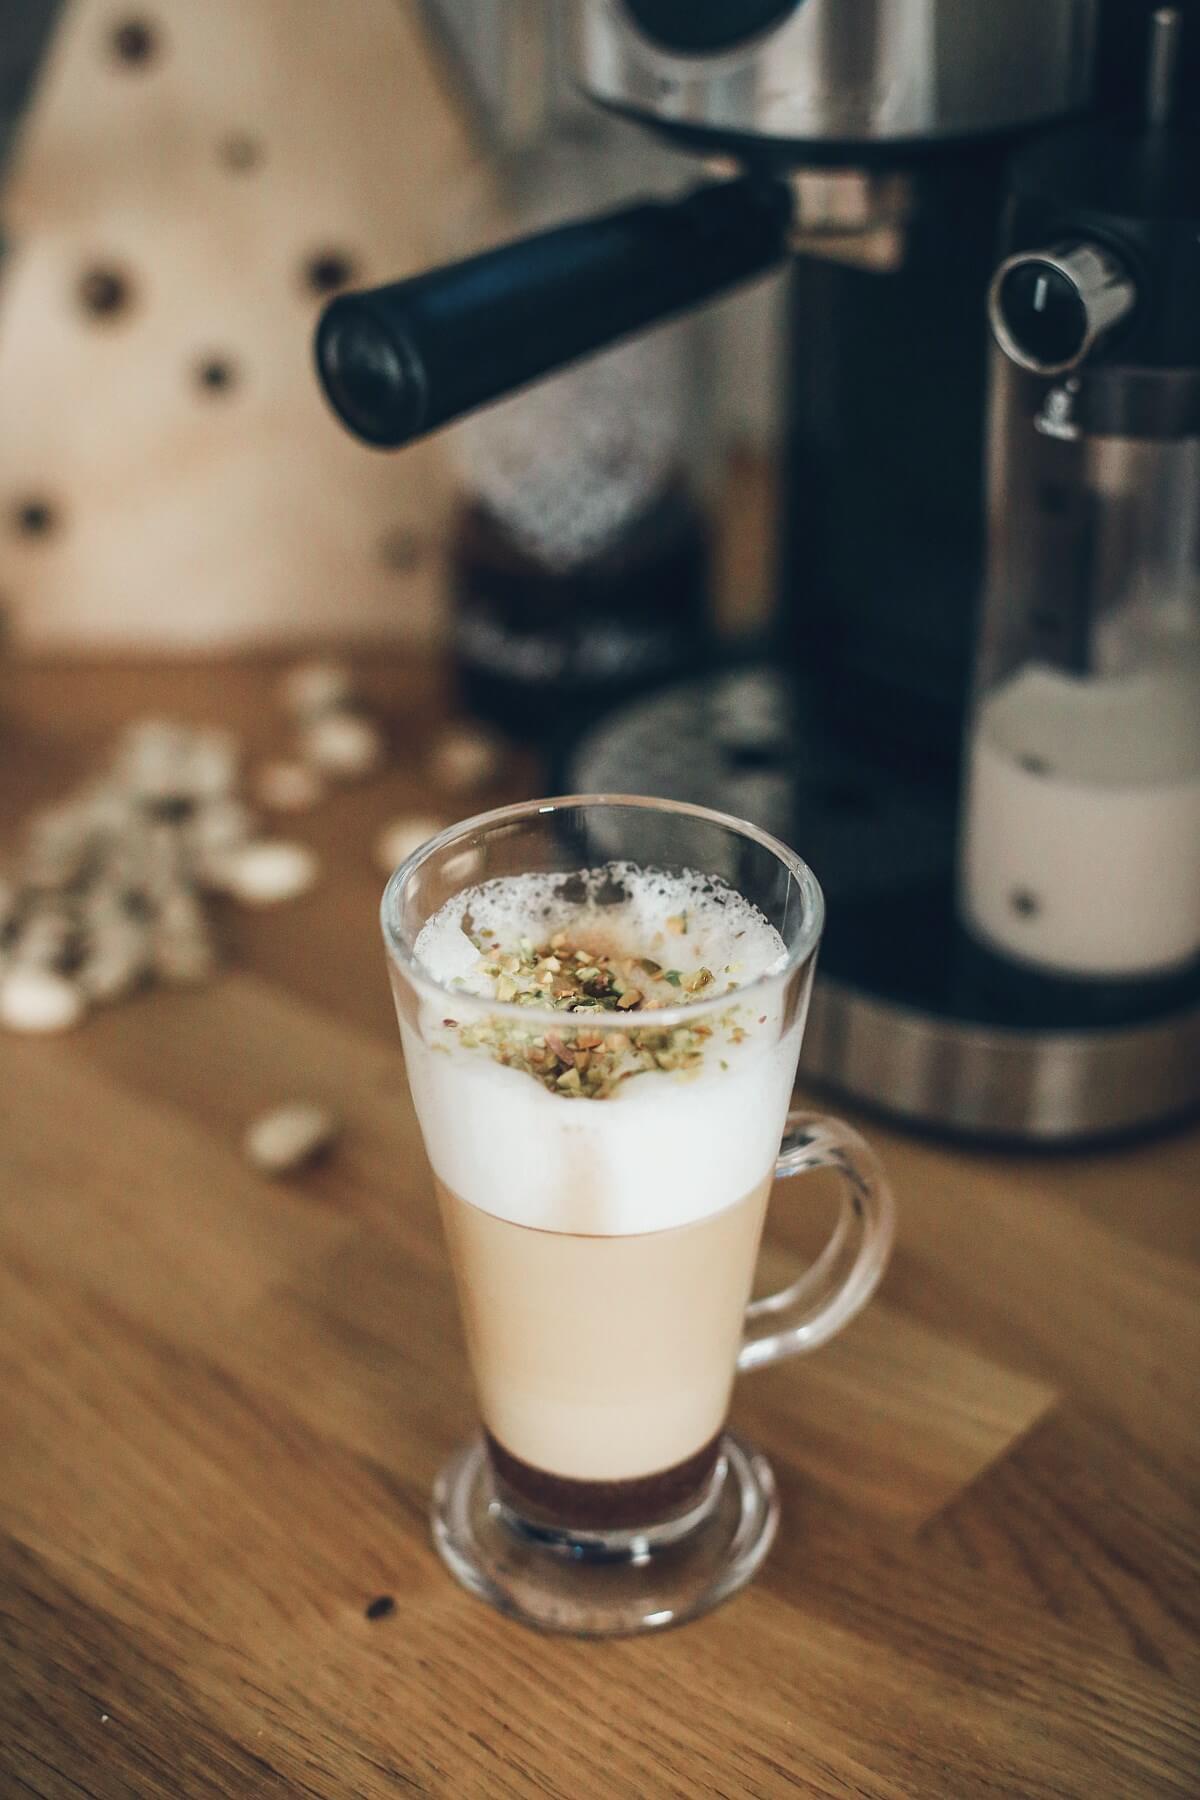 świąteczna kawa z syropem pierniczkowym ekspres mpm